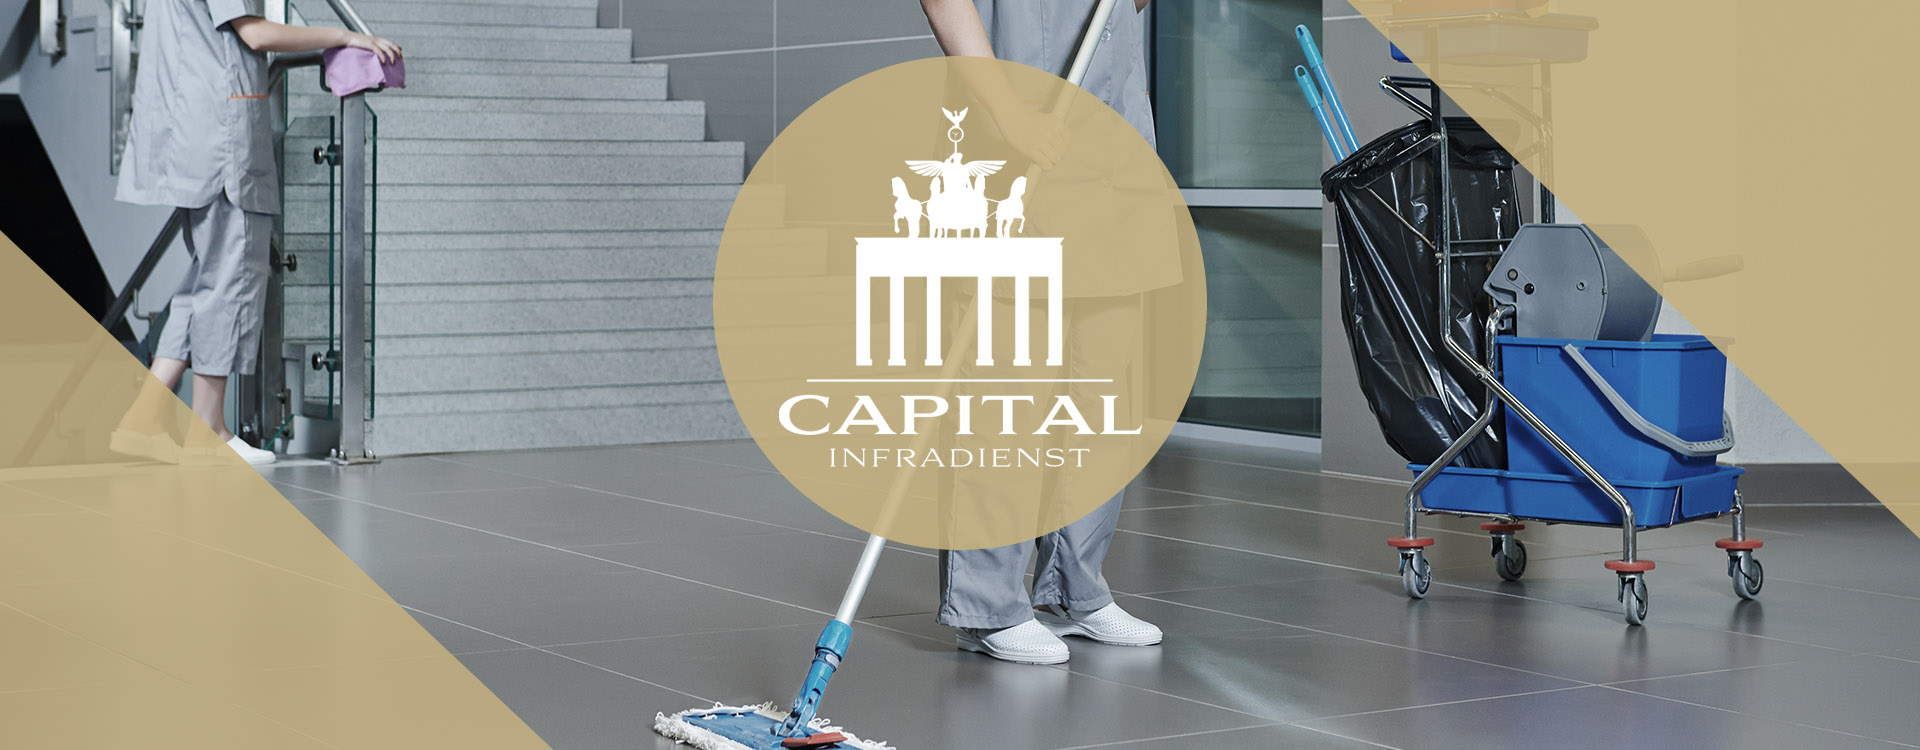 capital-infradienst-slider-gebaeudereinigung